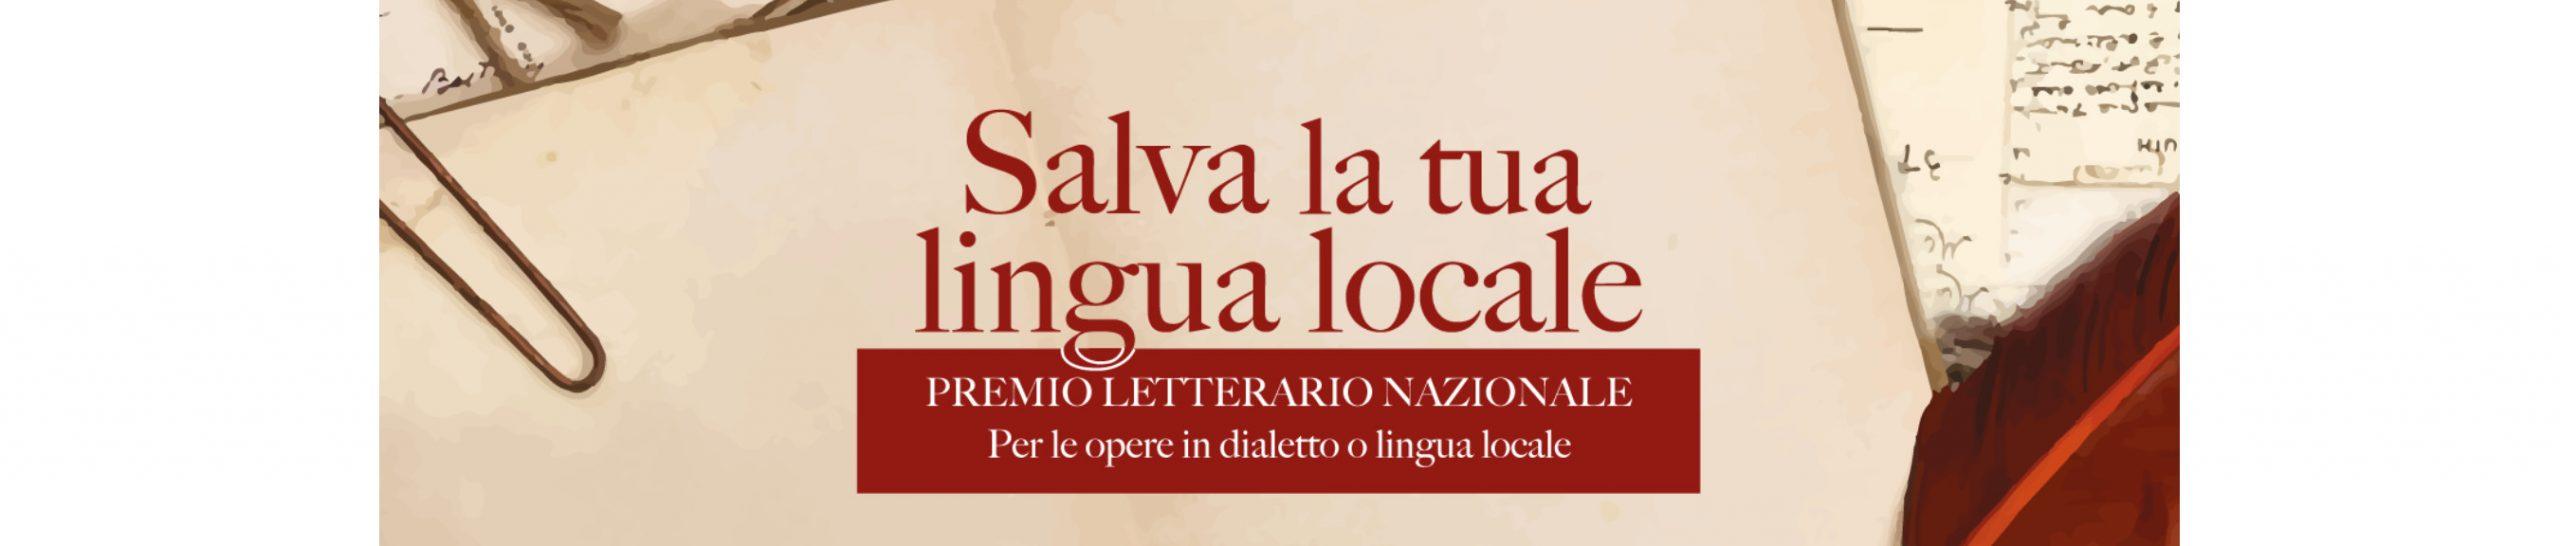 """Salva La Tua Lingua Locale 2020 parla anche piemontese. Lo Scrittore Novarese Luigi Ceresa fra i Finalisti del Premio Letterario """"Salva la tua lingua locale""""."""